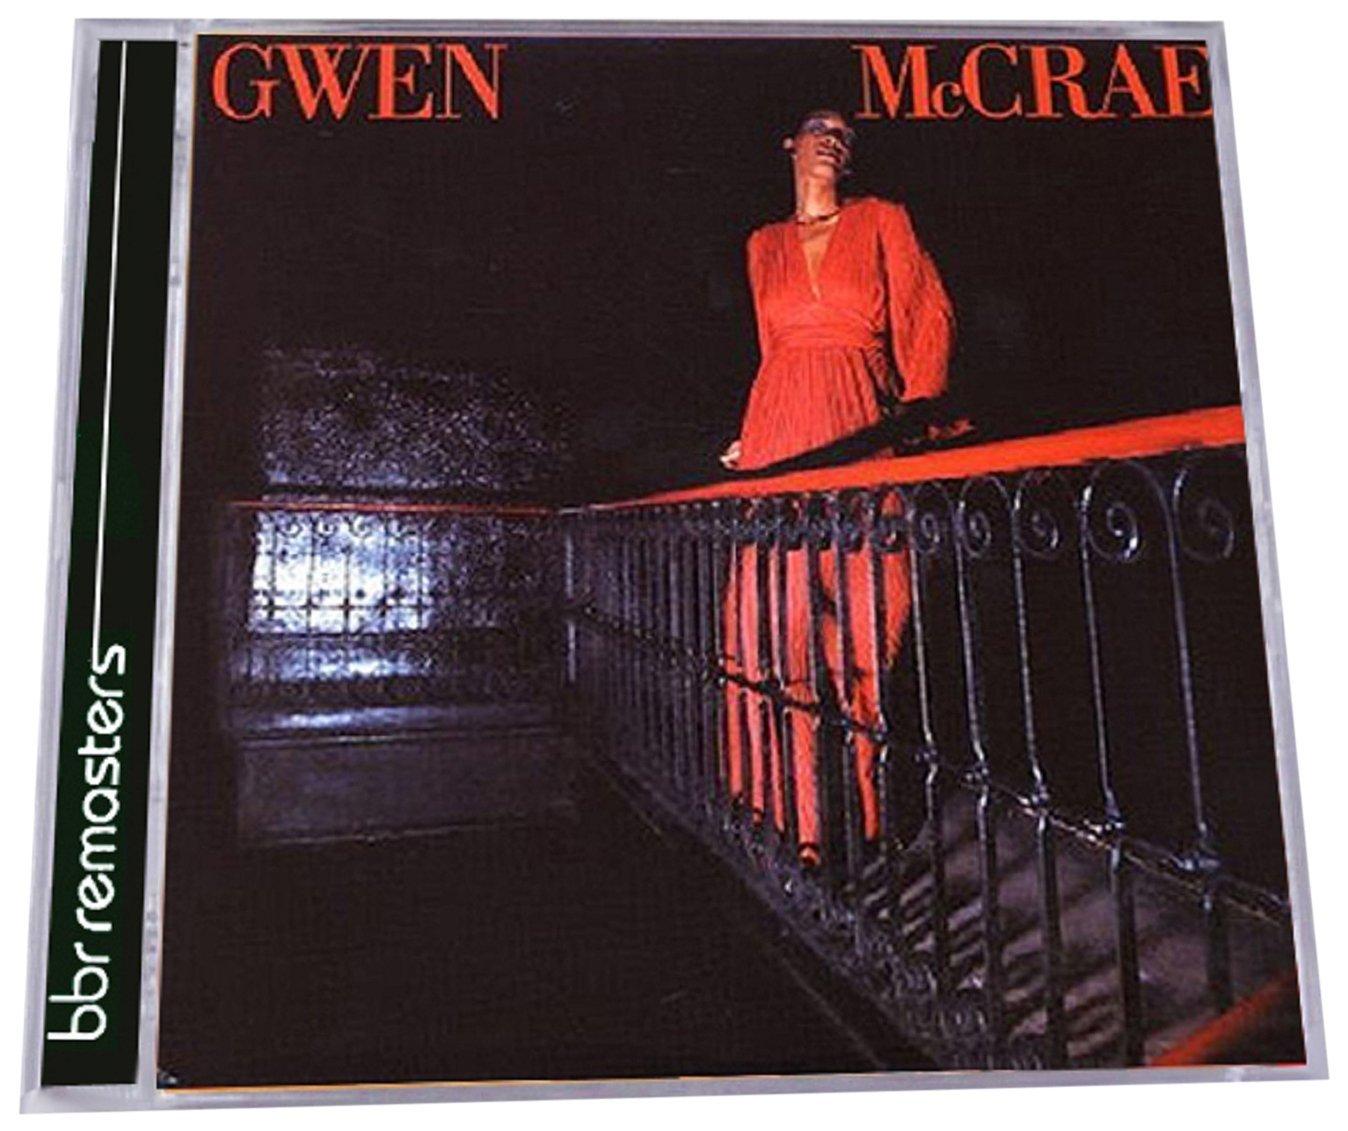 Gwen_McCrae_1